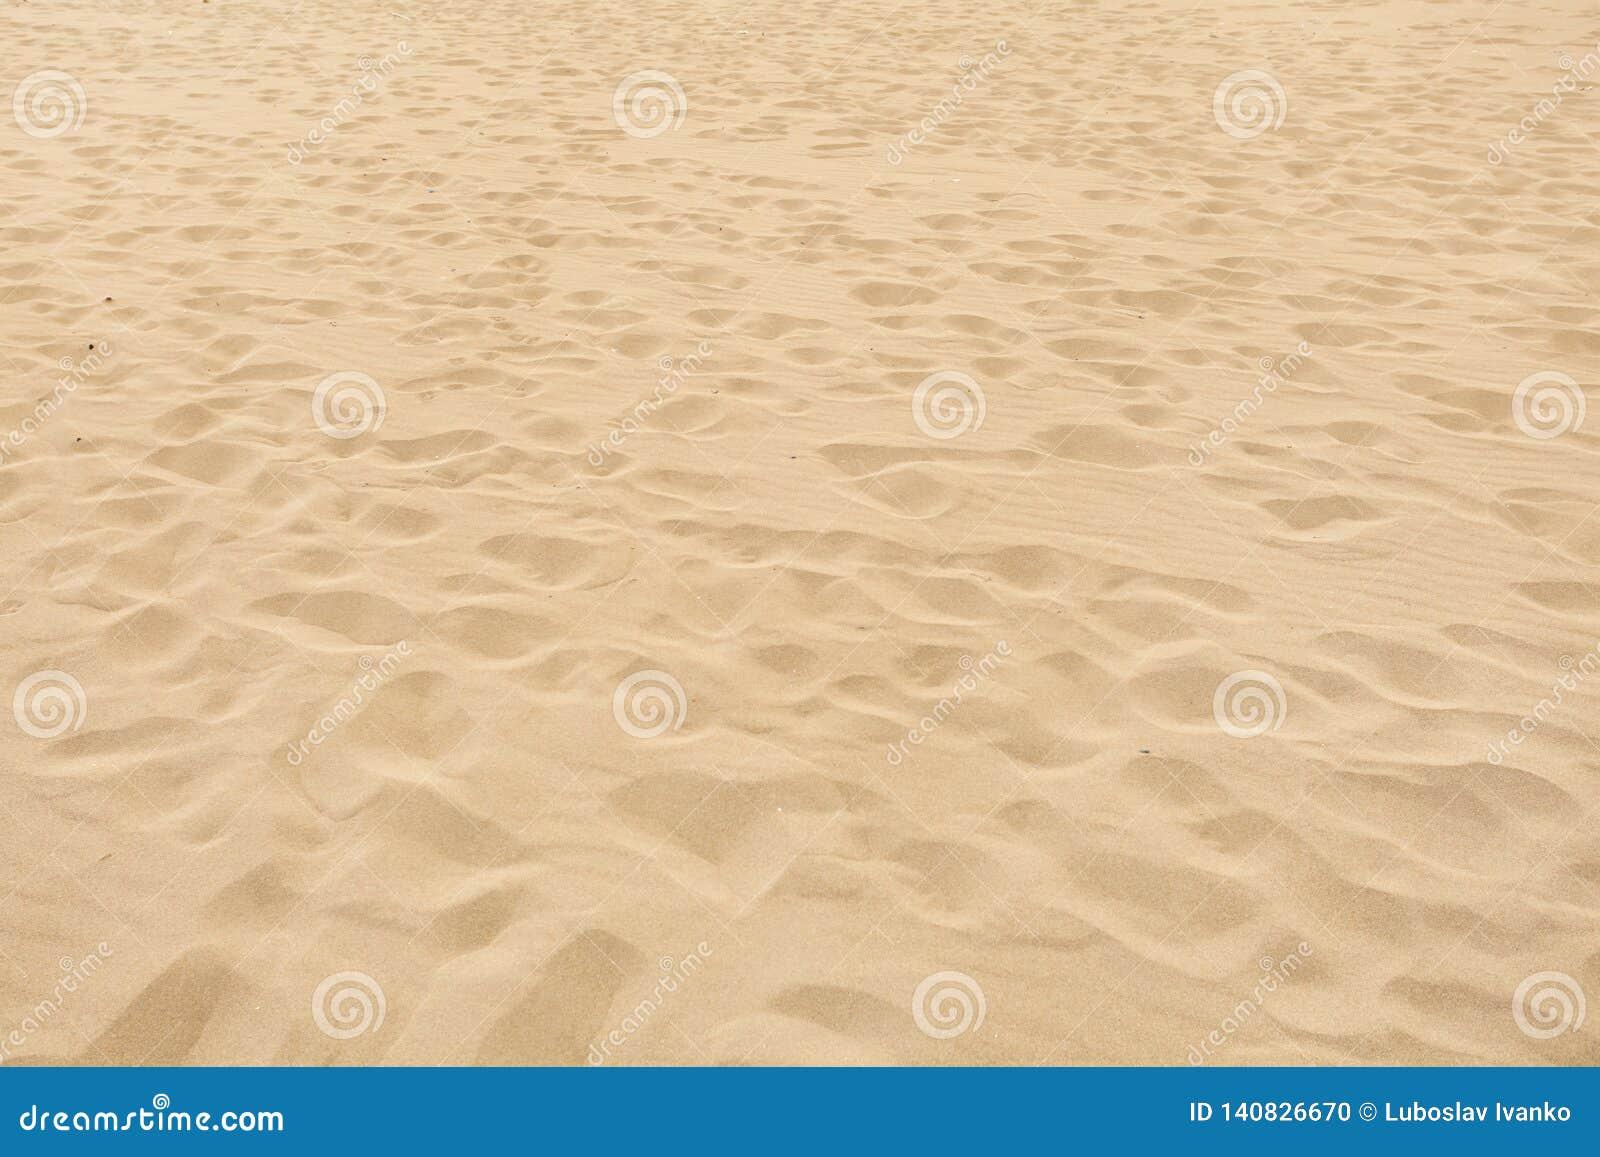 Weicher Sandstrand mit vielen verschwindenen Abdrücken